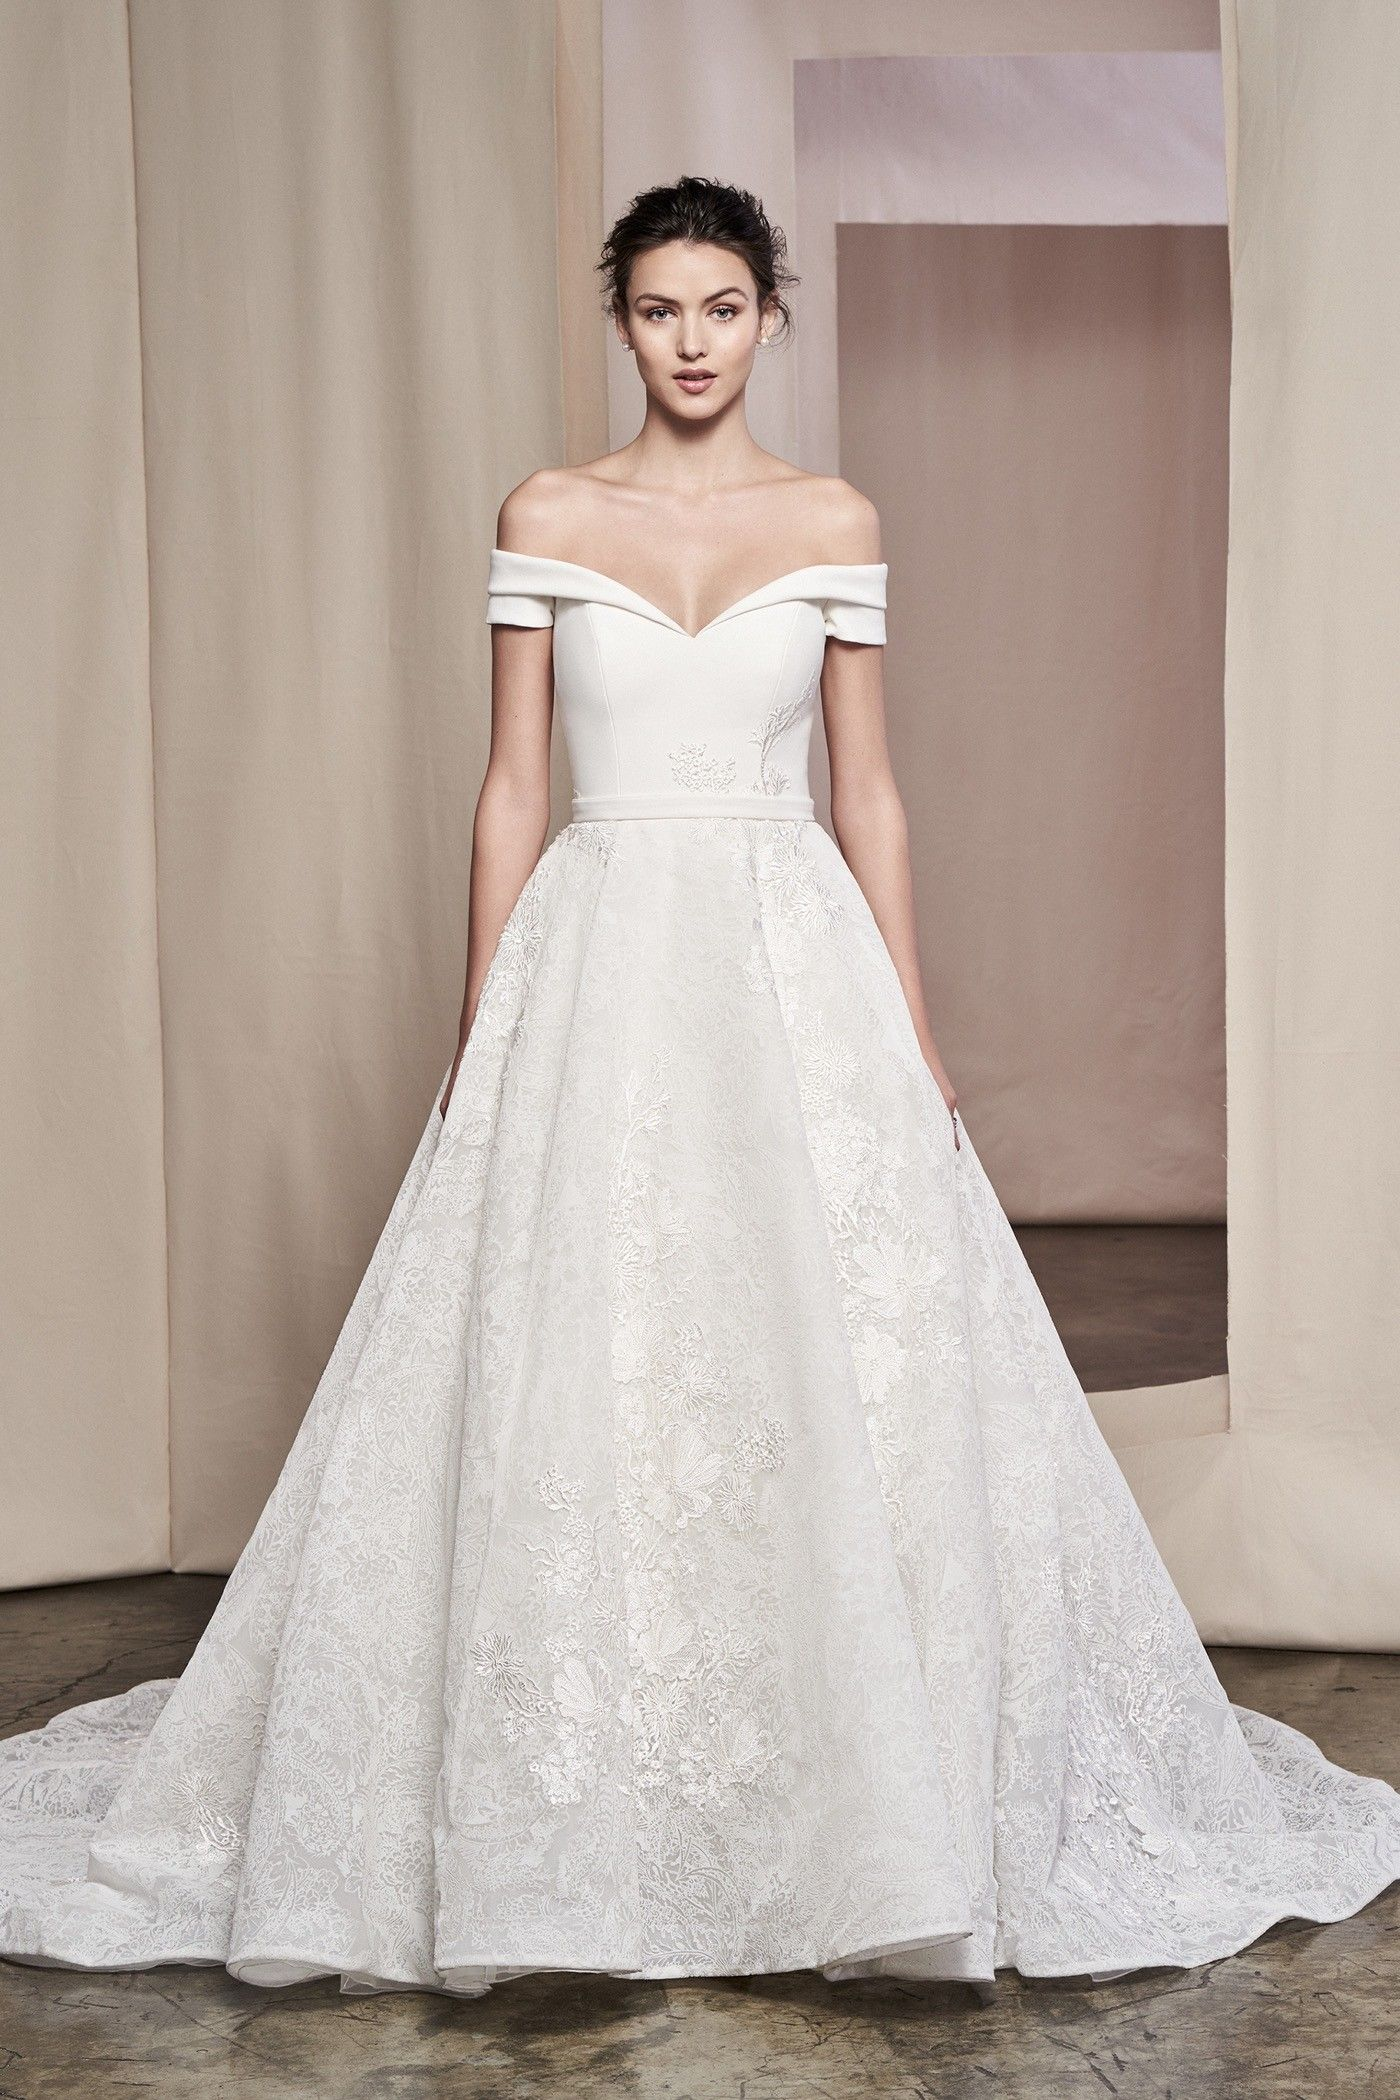 Hochzeitskleider - Bilder-Galerie und Brautkleider-Trends  Kleid